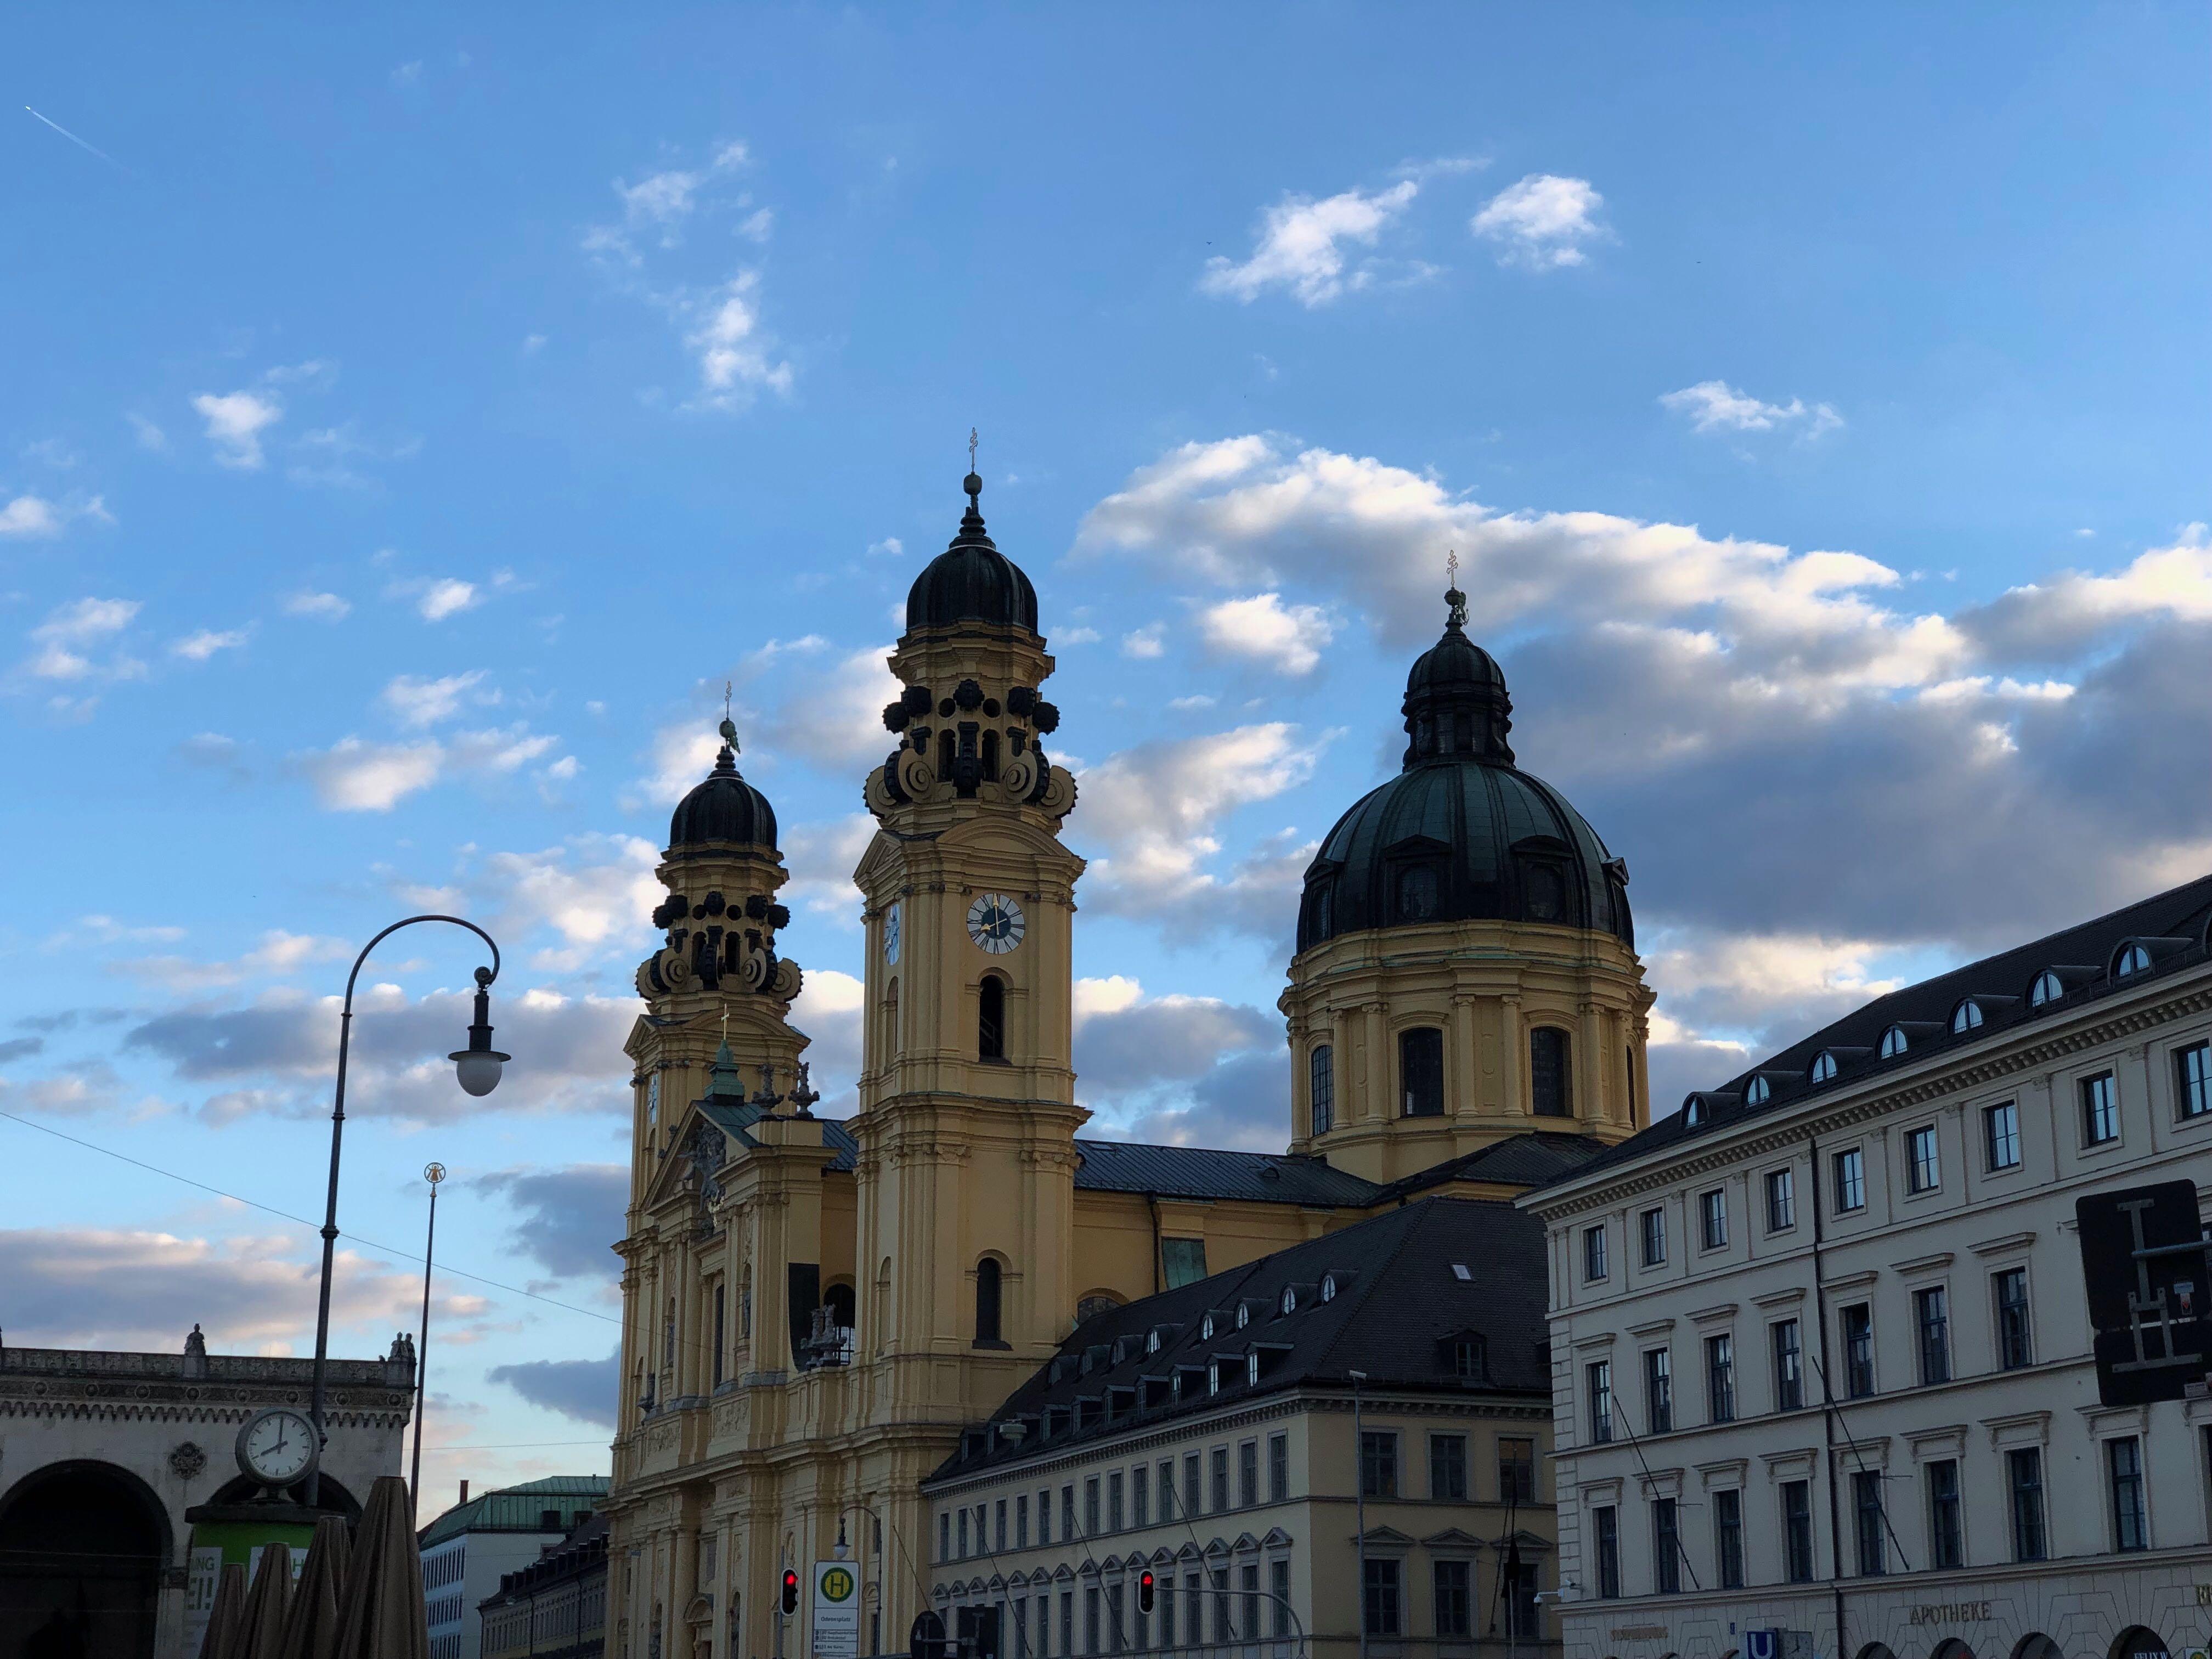 Liste der größten Bauunternehmen in München